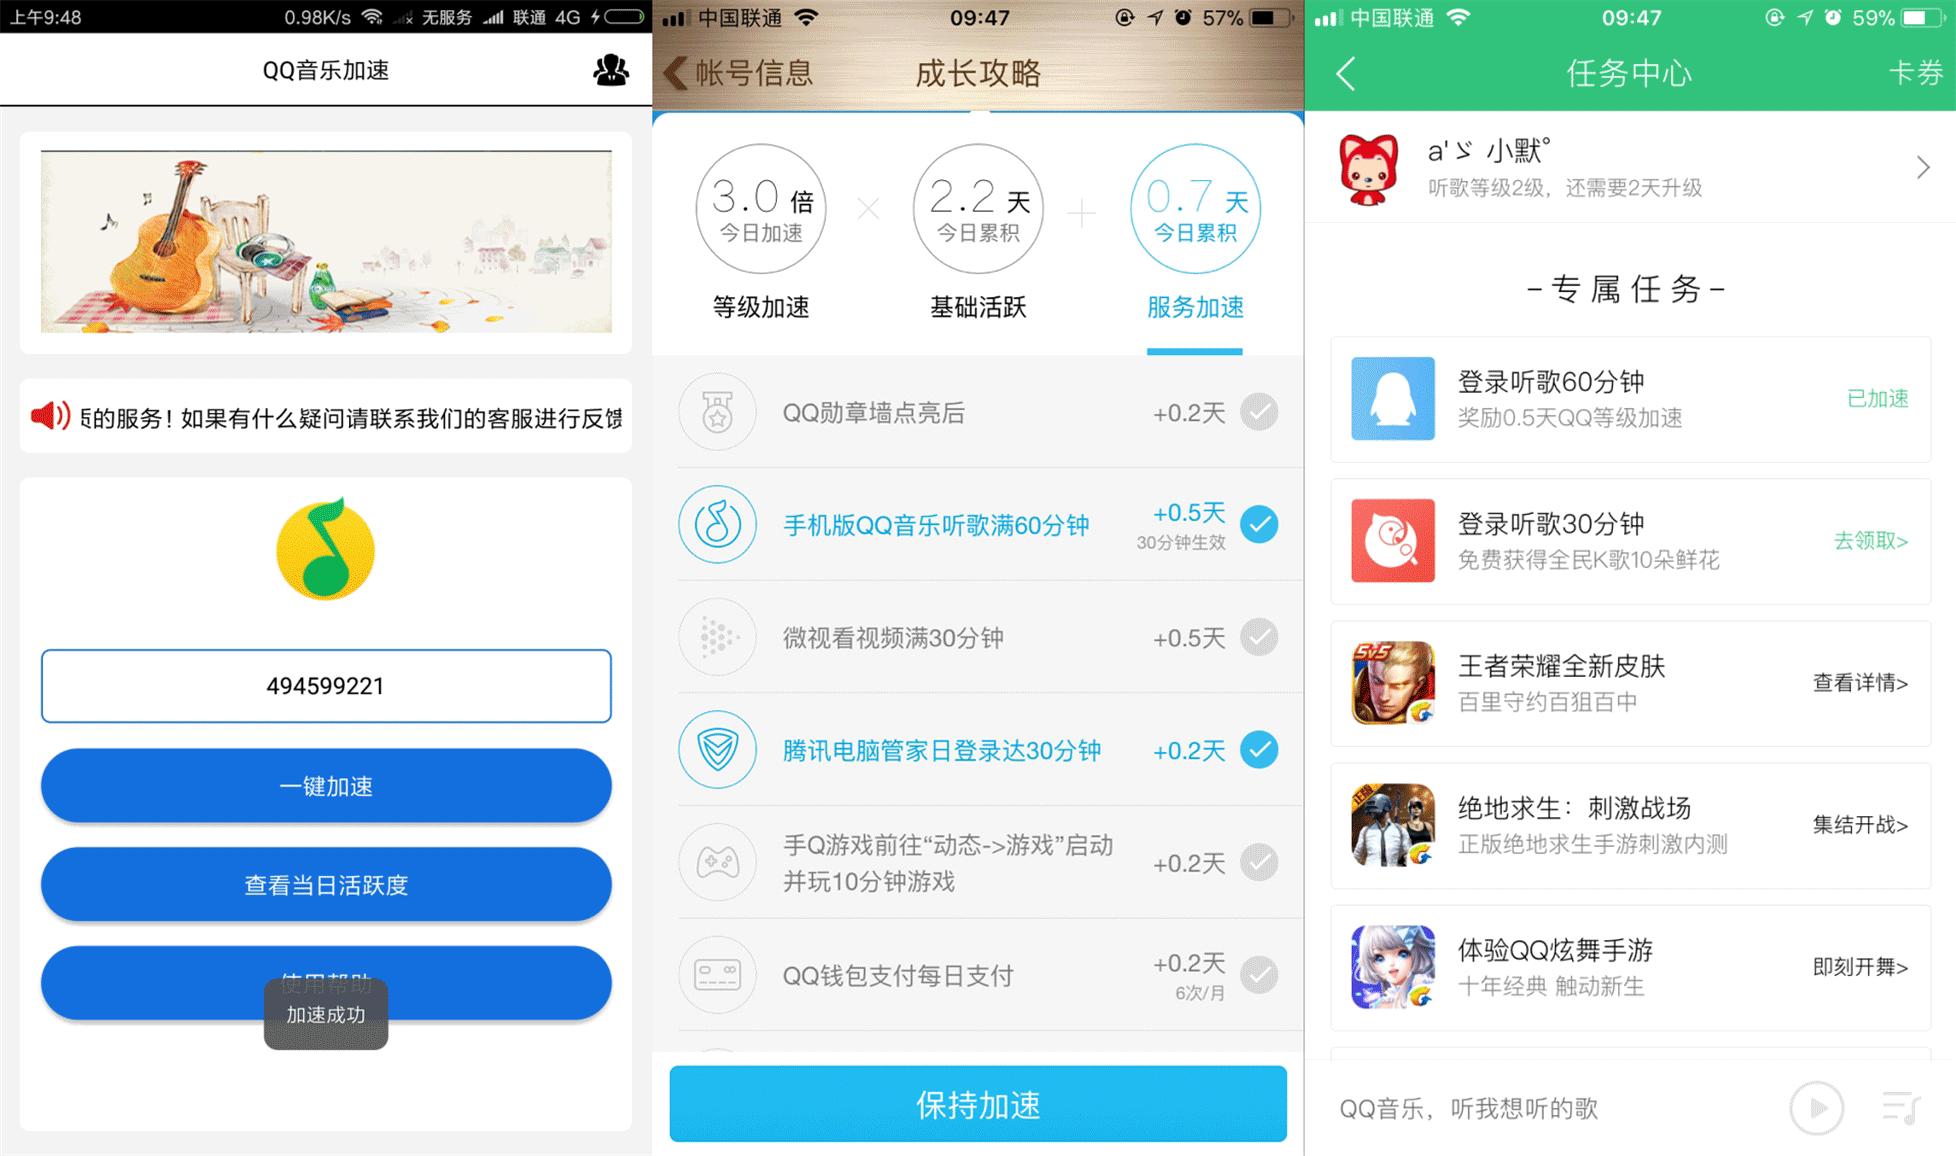 4月份一键完成QQ音乐加速QQ等级0.5天工具